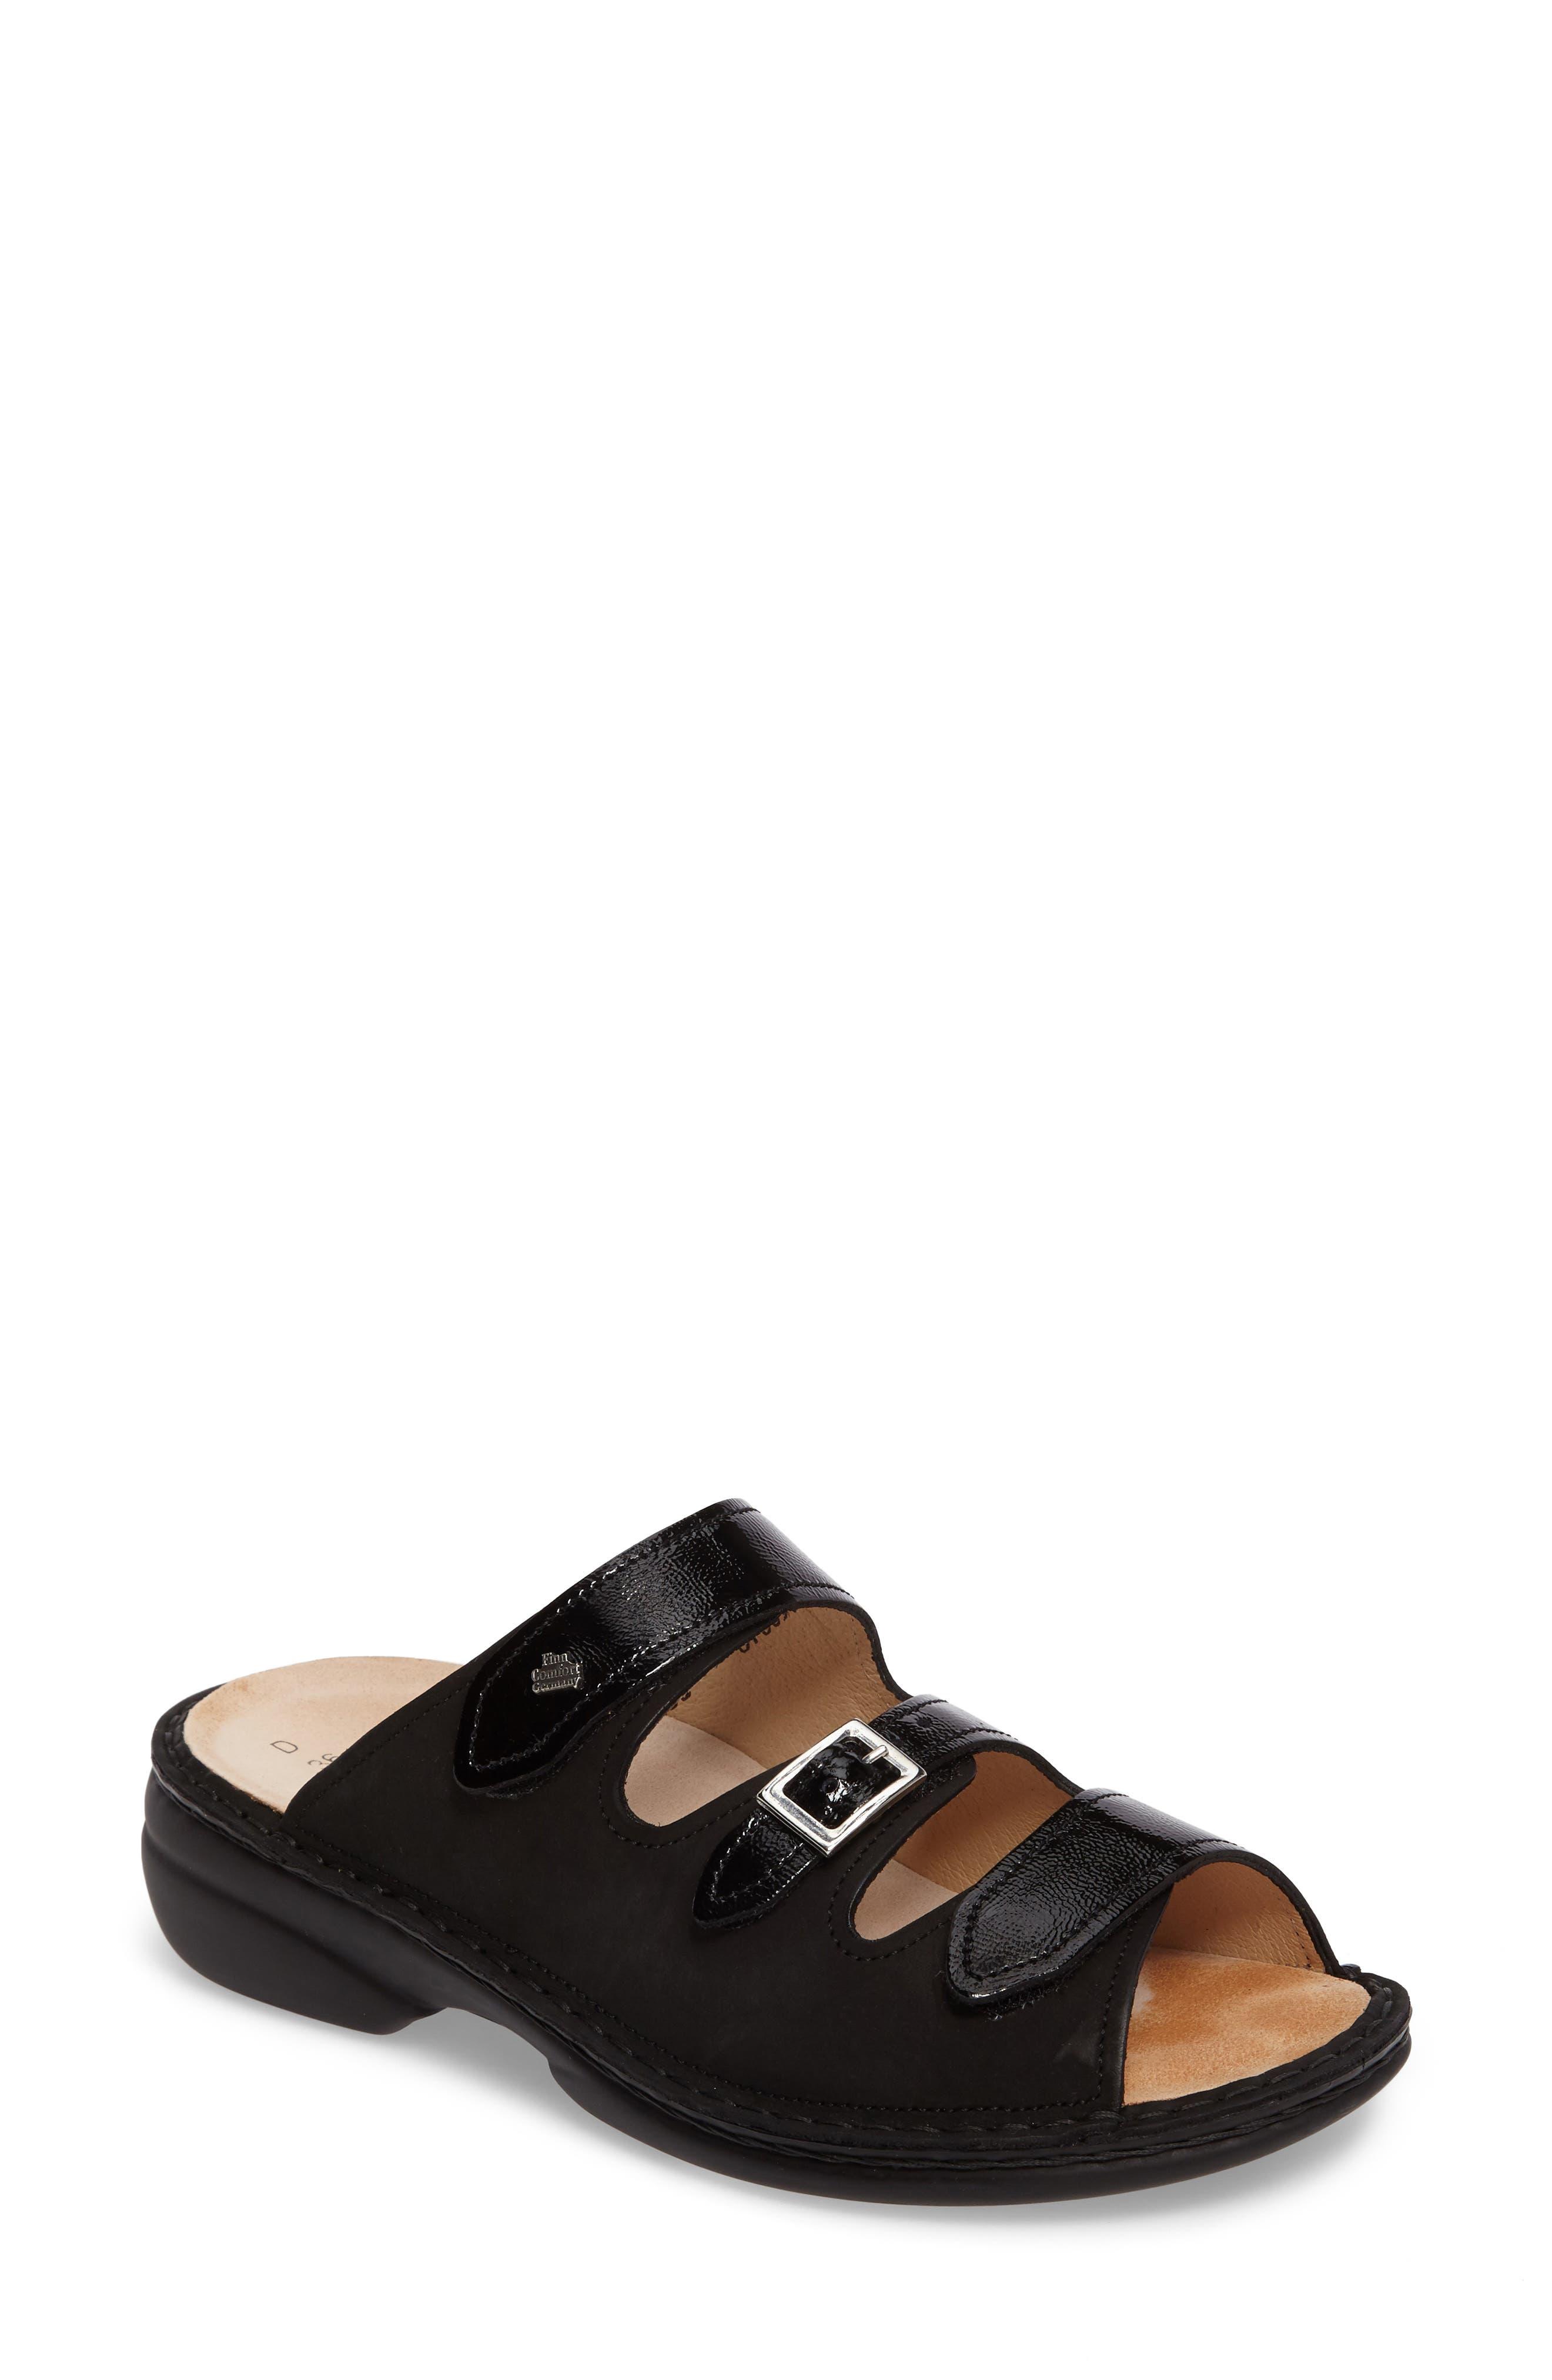 Main Image - Finn Comfort Anancapa Sandal (Women)